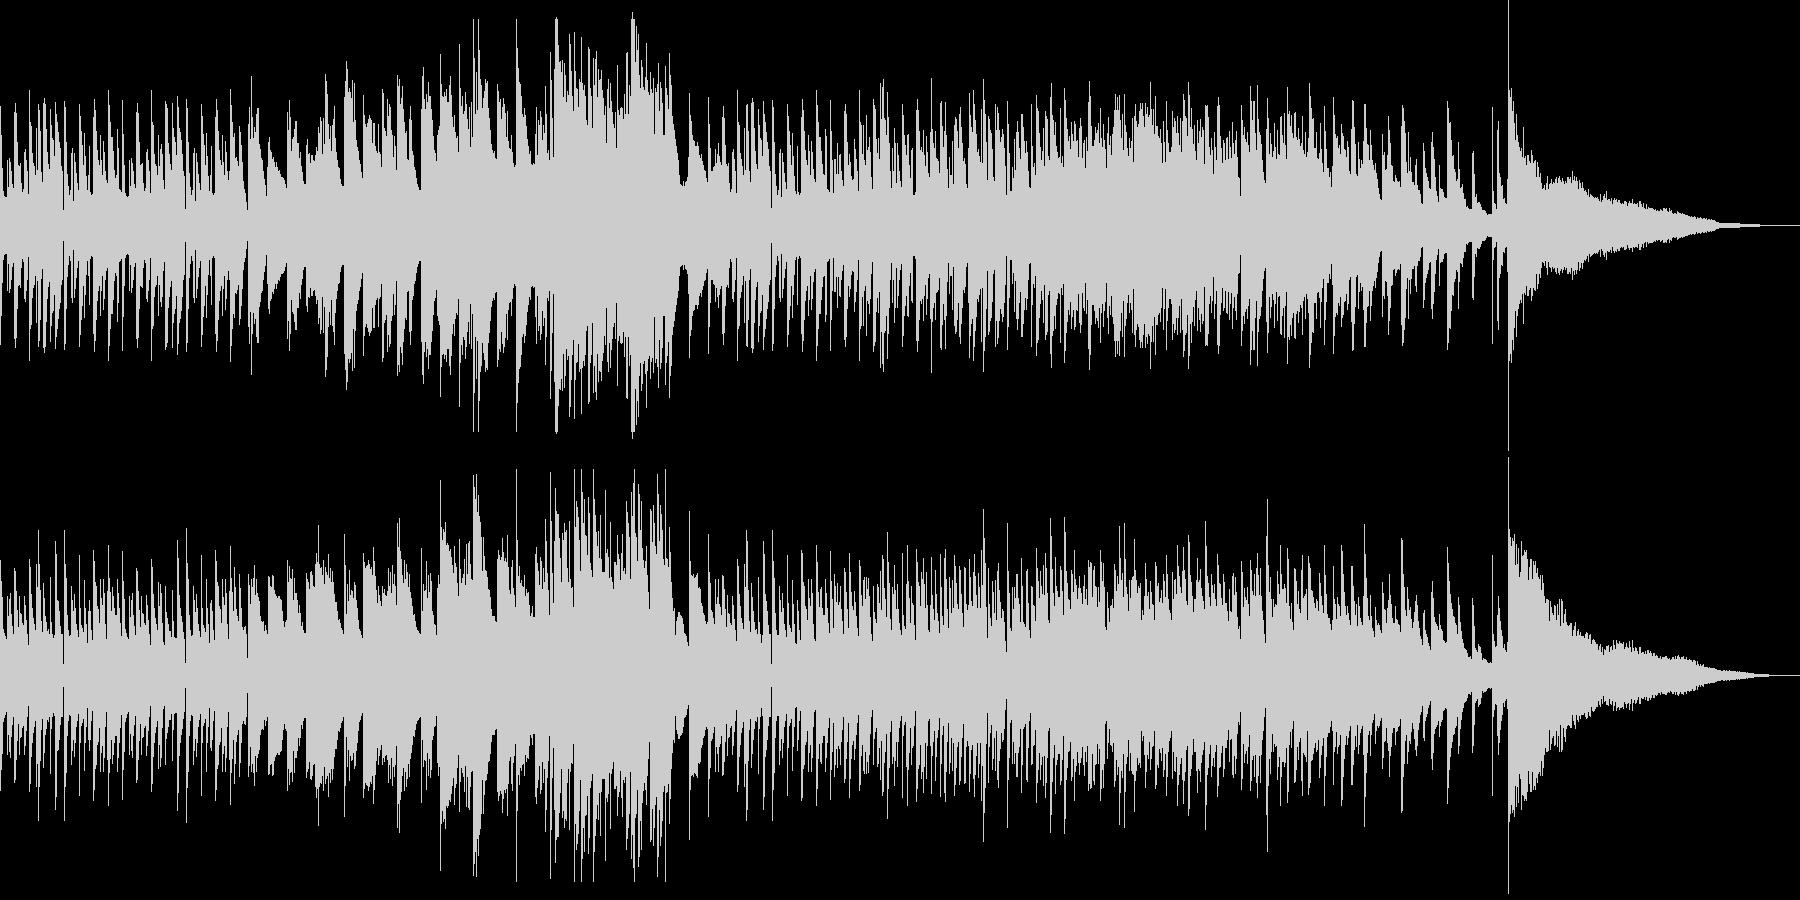 悲しい雰囲気のピアノ曲の未再生の波形